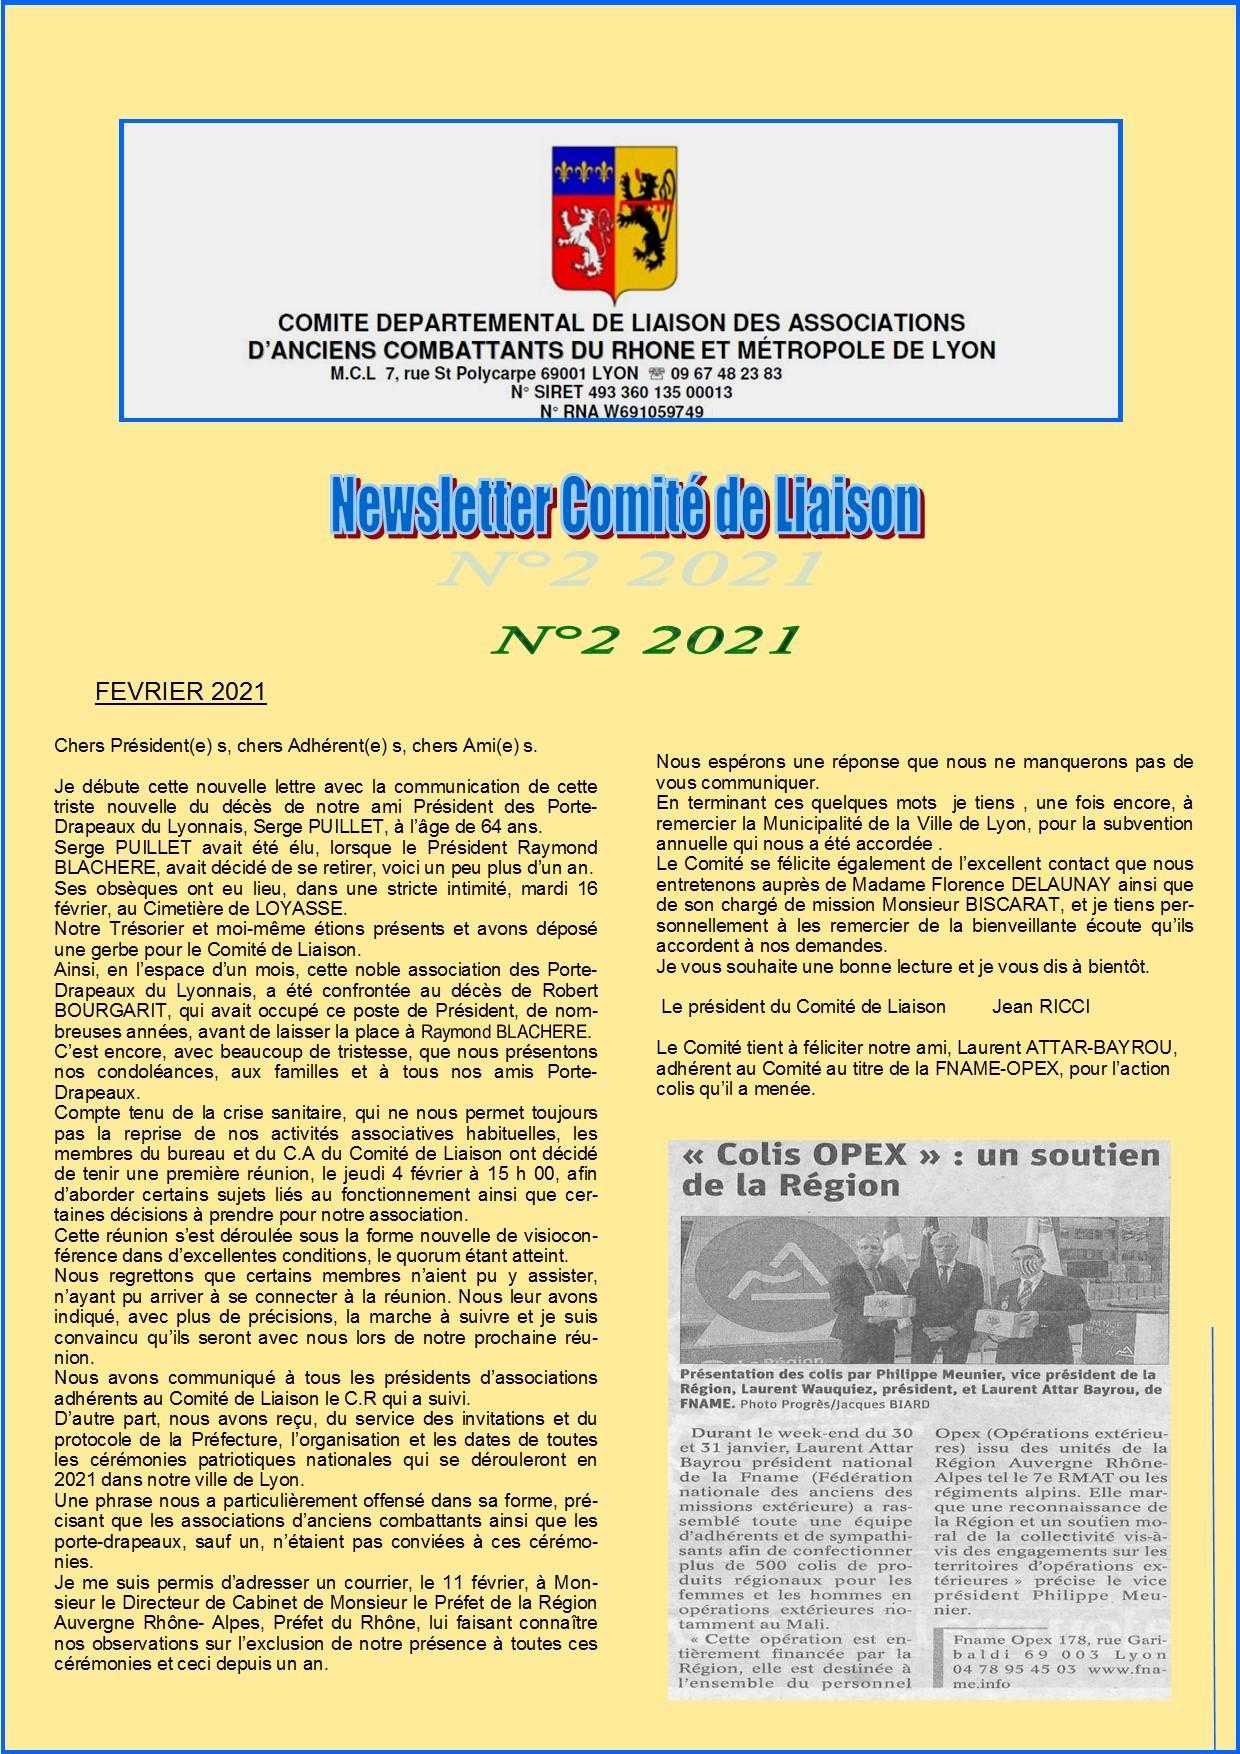 Newsletter comite de liaison n 02 2021